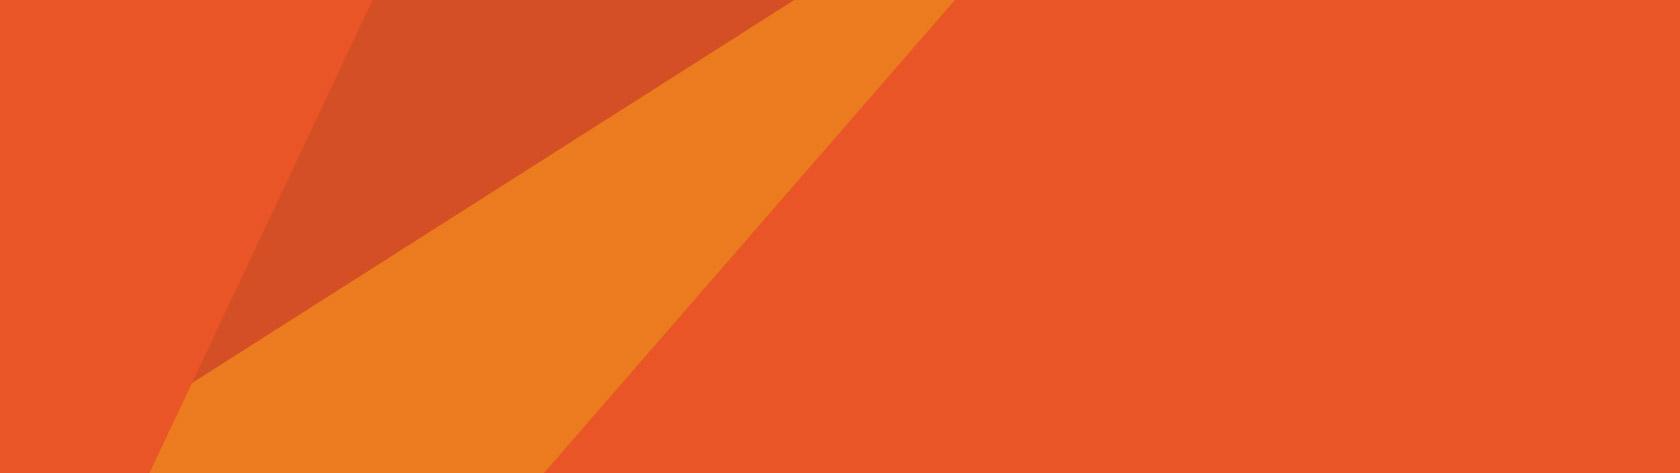 banner-5-bg-rev